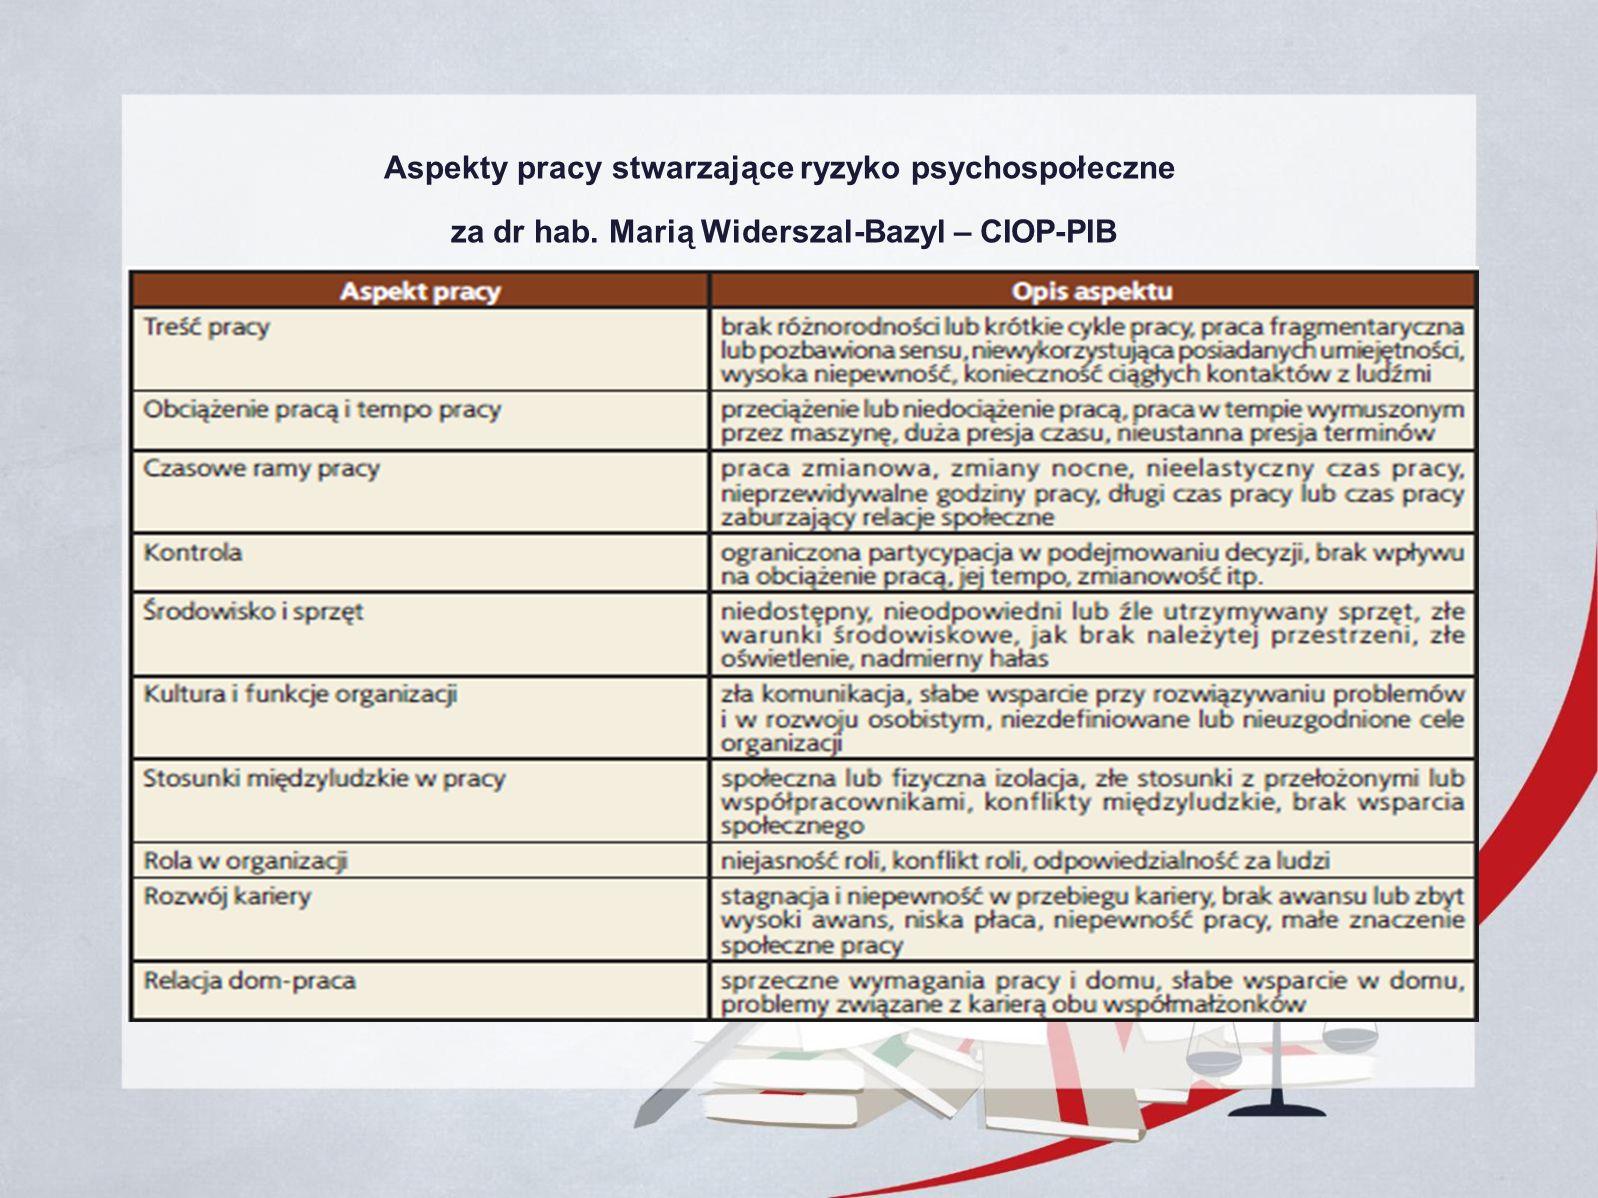 Aspekty pracy stwarzające ryzyko psychospołeczne za dr hab. Marią Widerszal-Bazyl – CIOP-PIB